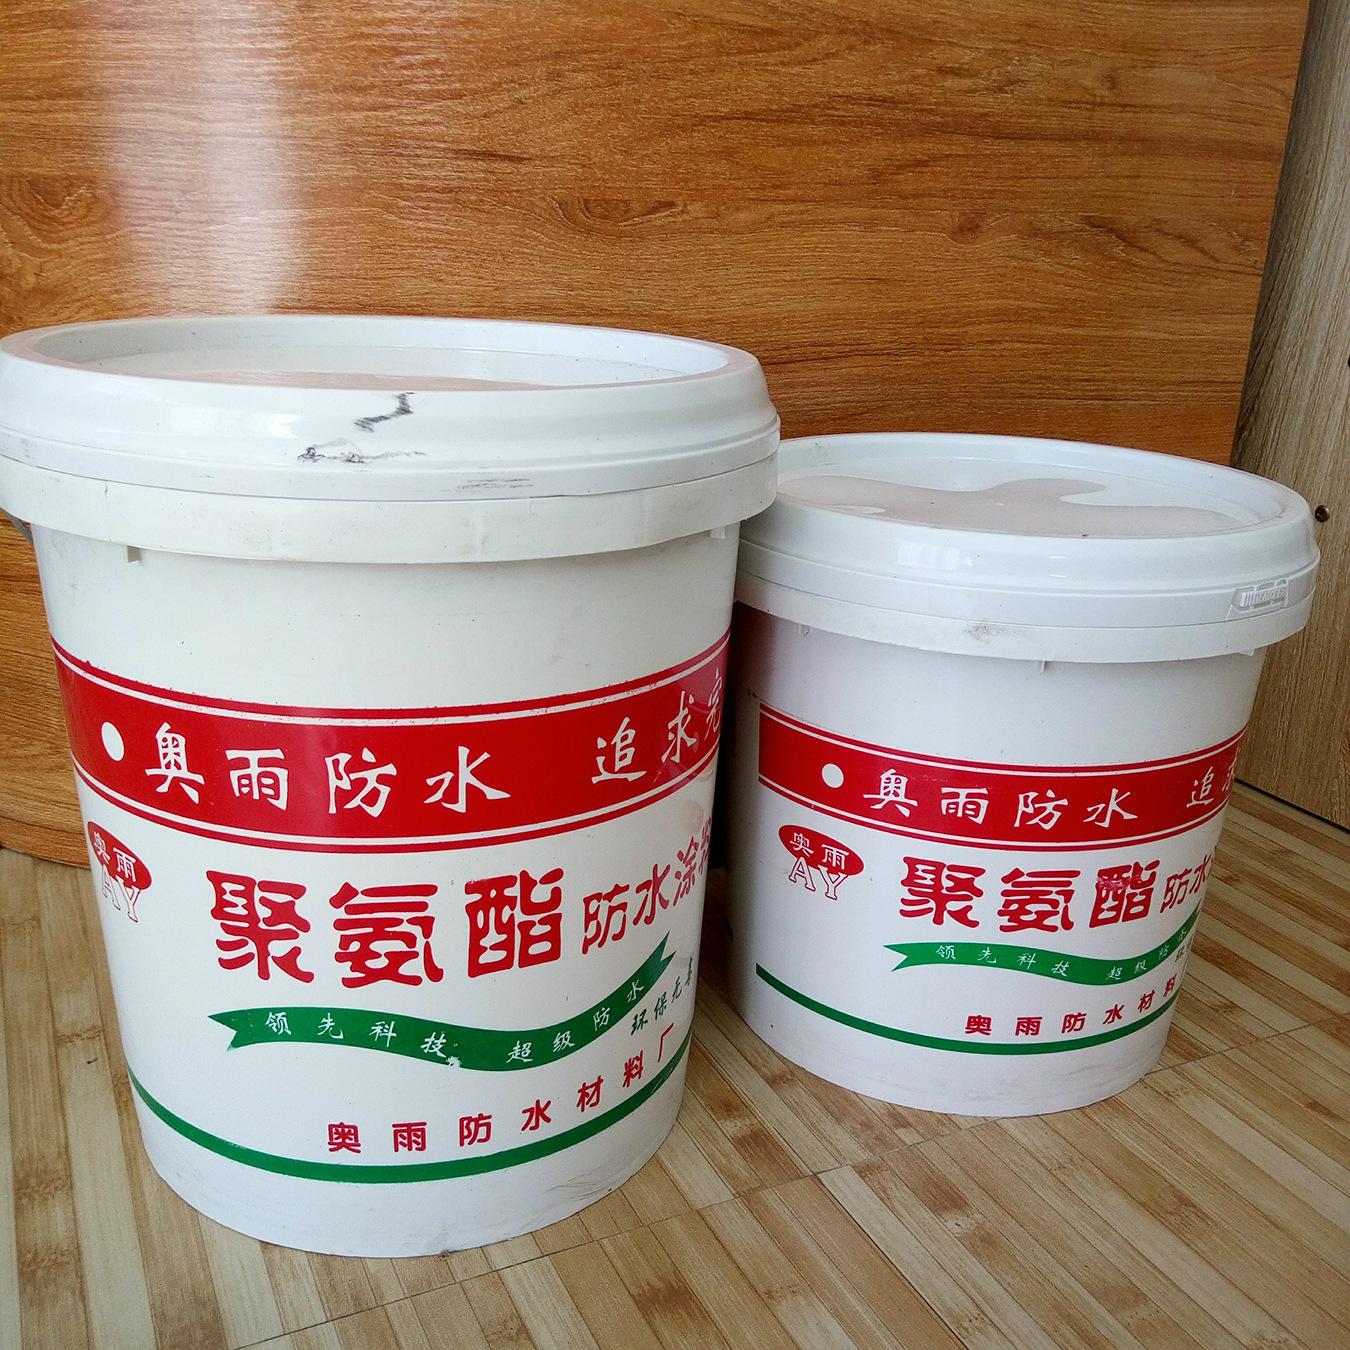 奧雨聚氨酯防水涂料